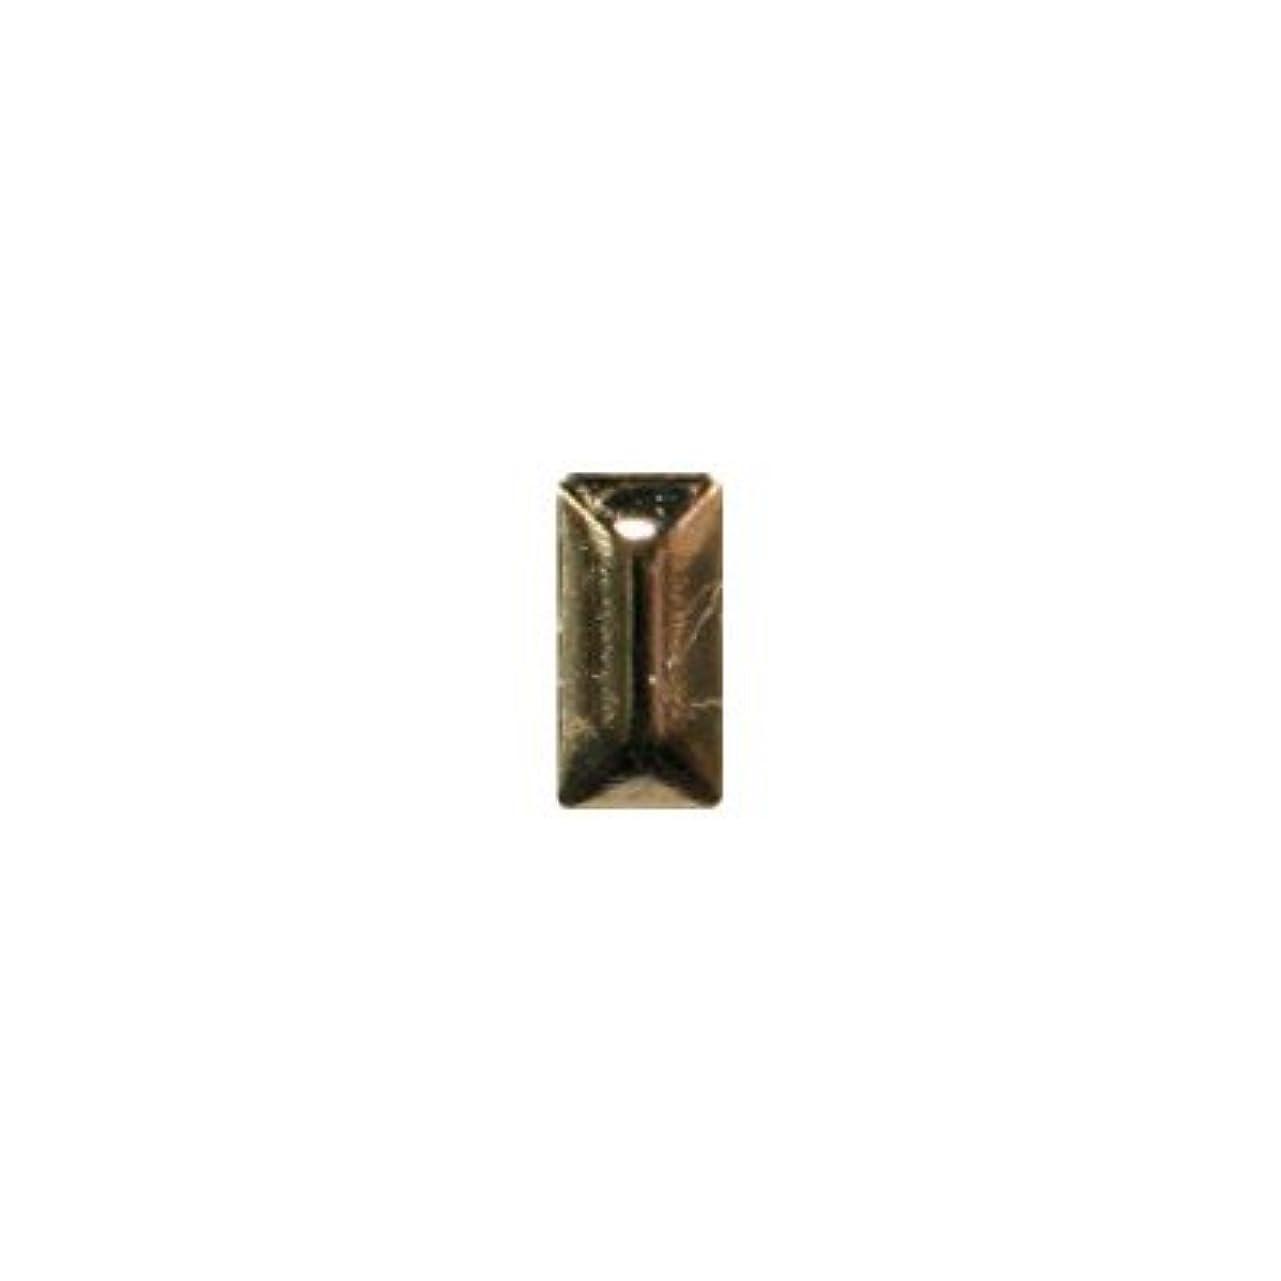 メアリアンジョーンズ前提条件ゼリーピアドラ スタッズ メタル長方形 2×4mm 50P ゴールド